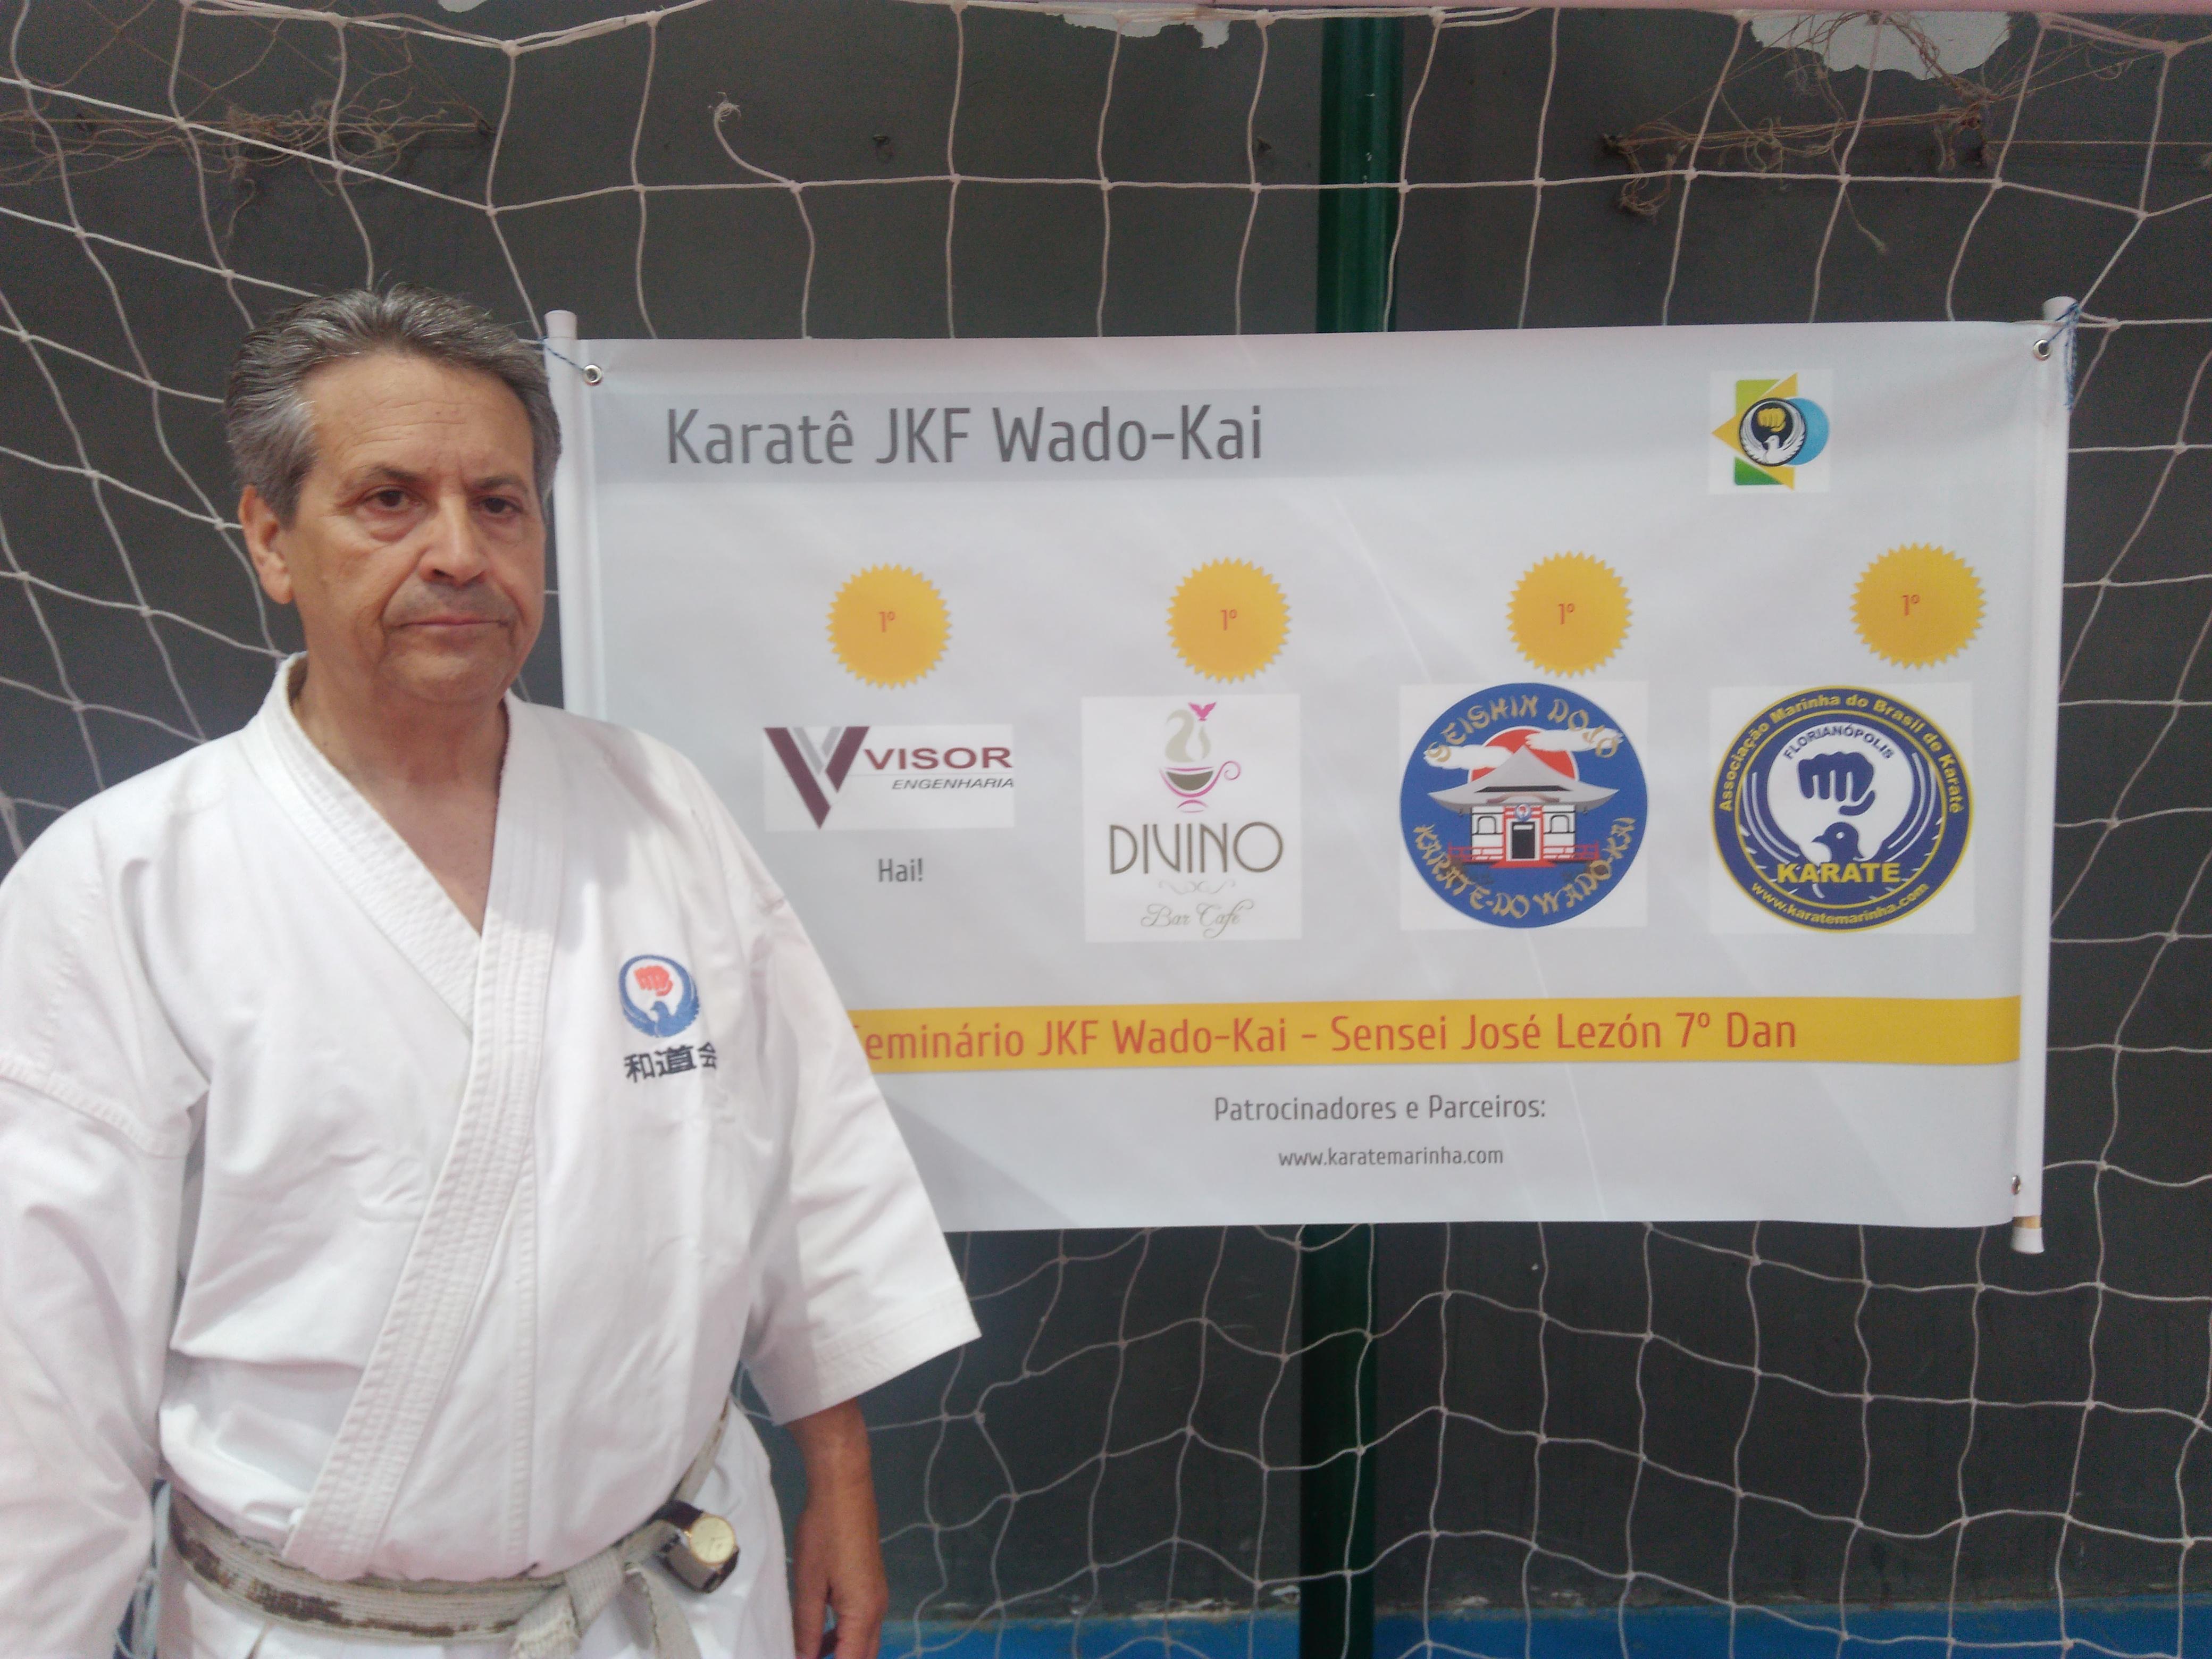 Sensei José Lezón